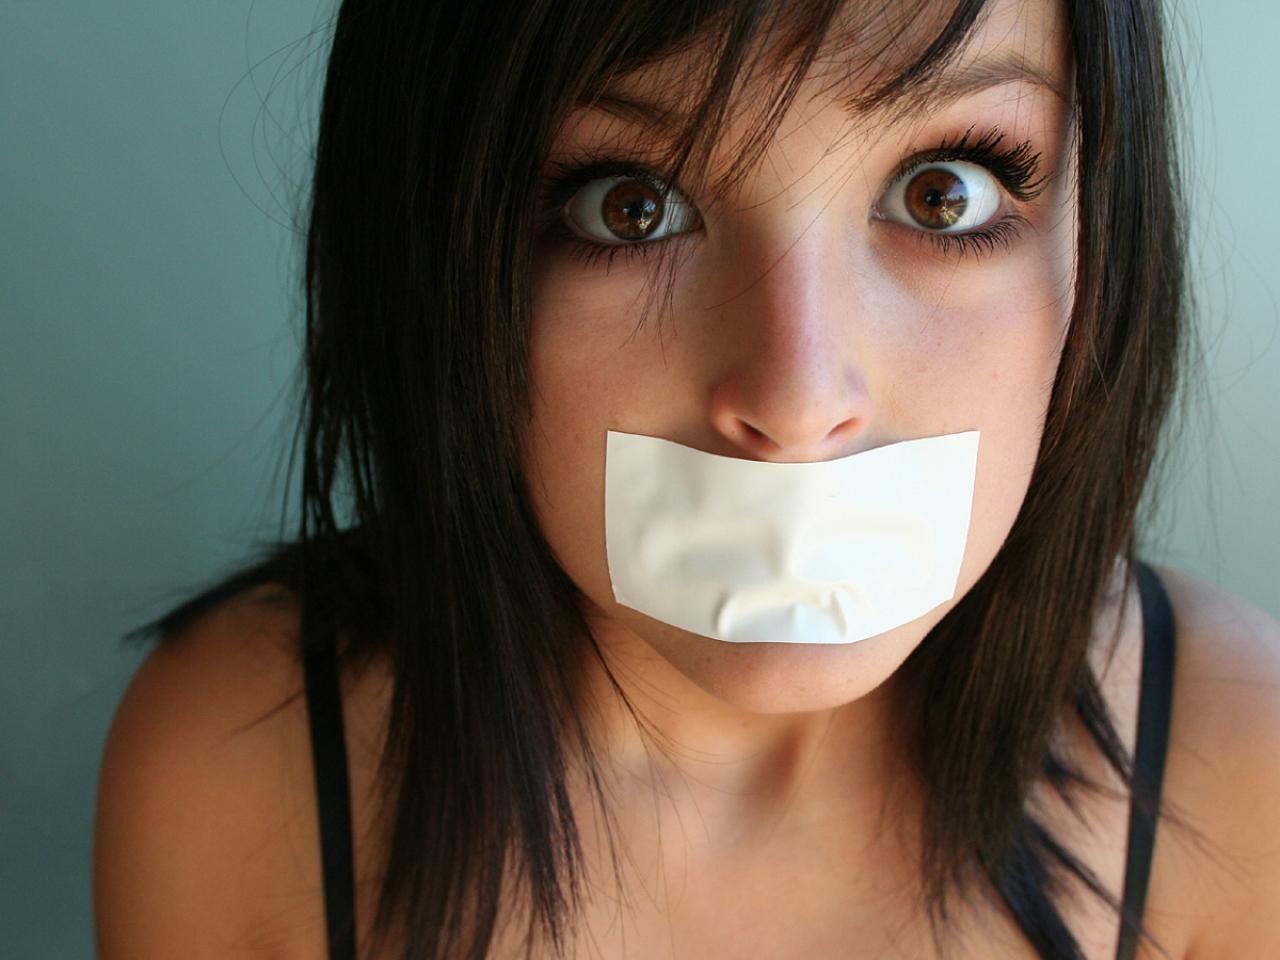 Chica con la boca tapada - 1280x960